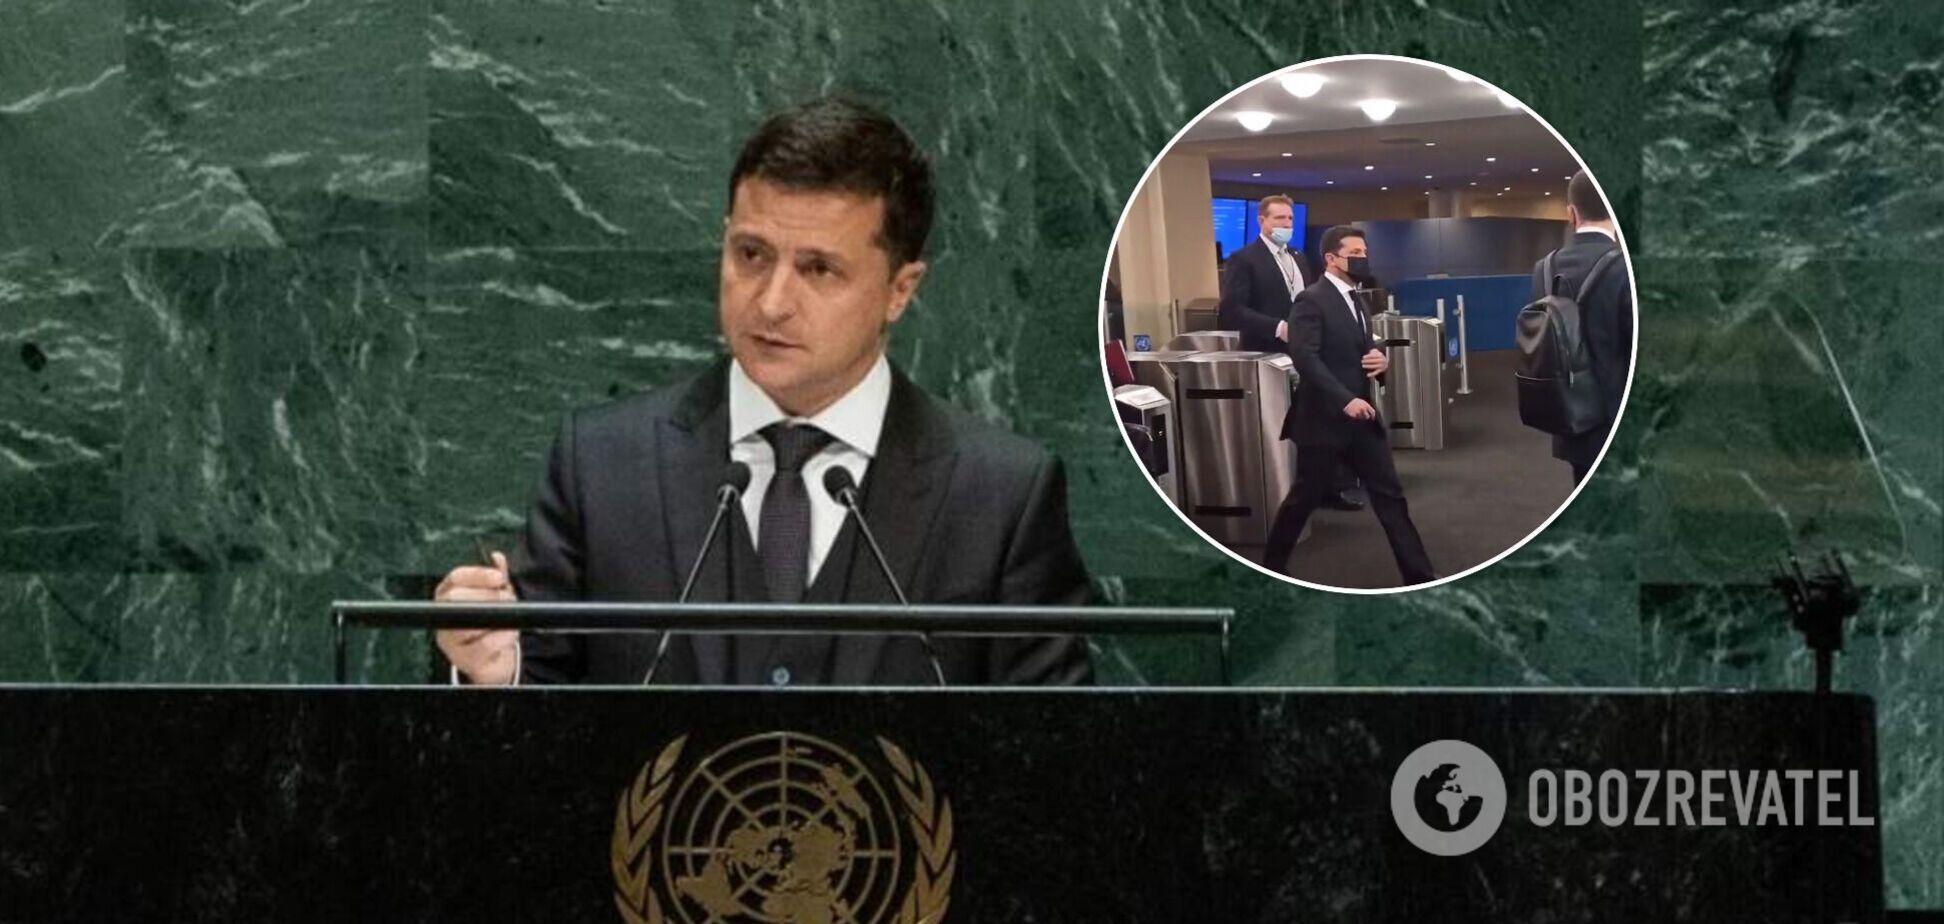 Зеленский на Генассамблее ООН проигнорировал российского журналиста. Видео